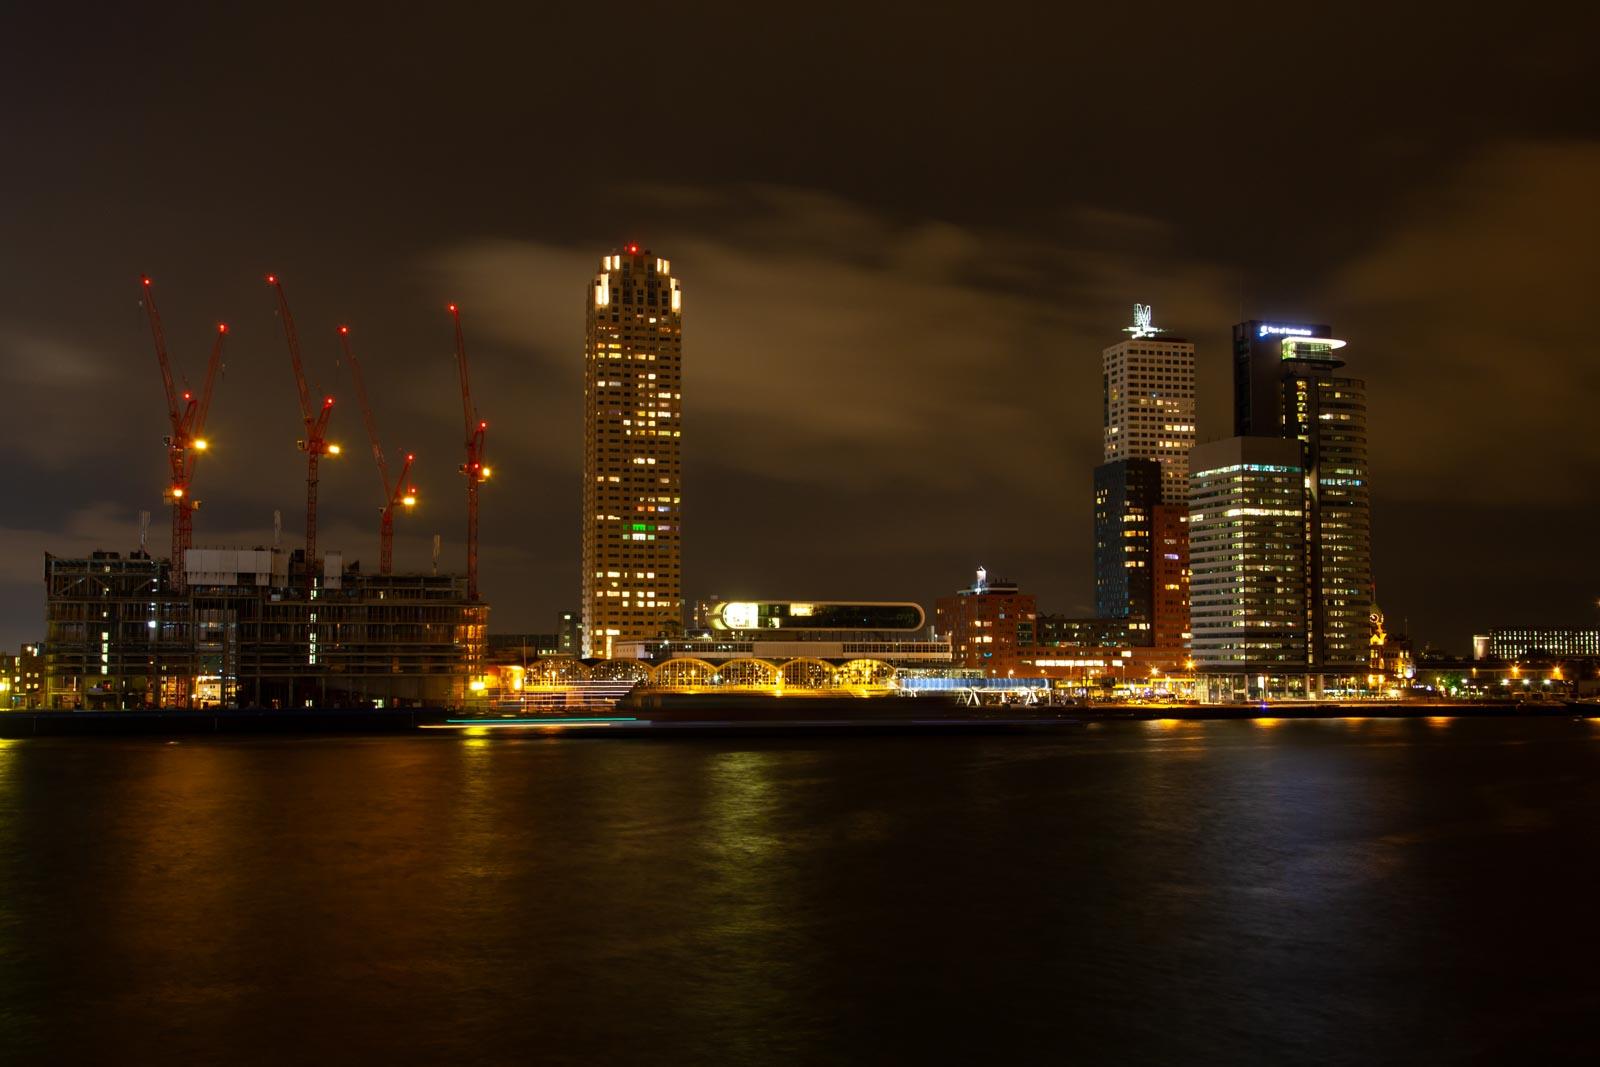 Nachtfoto van de Maas en Kop van Zuid in Rotterdam